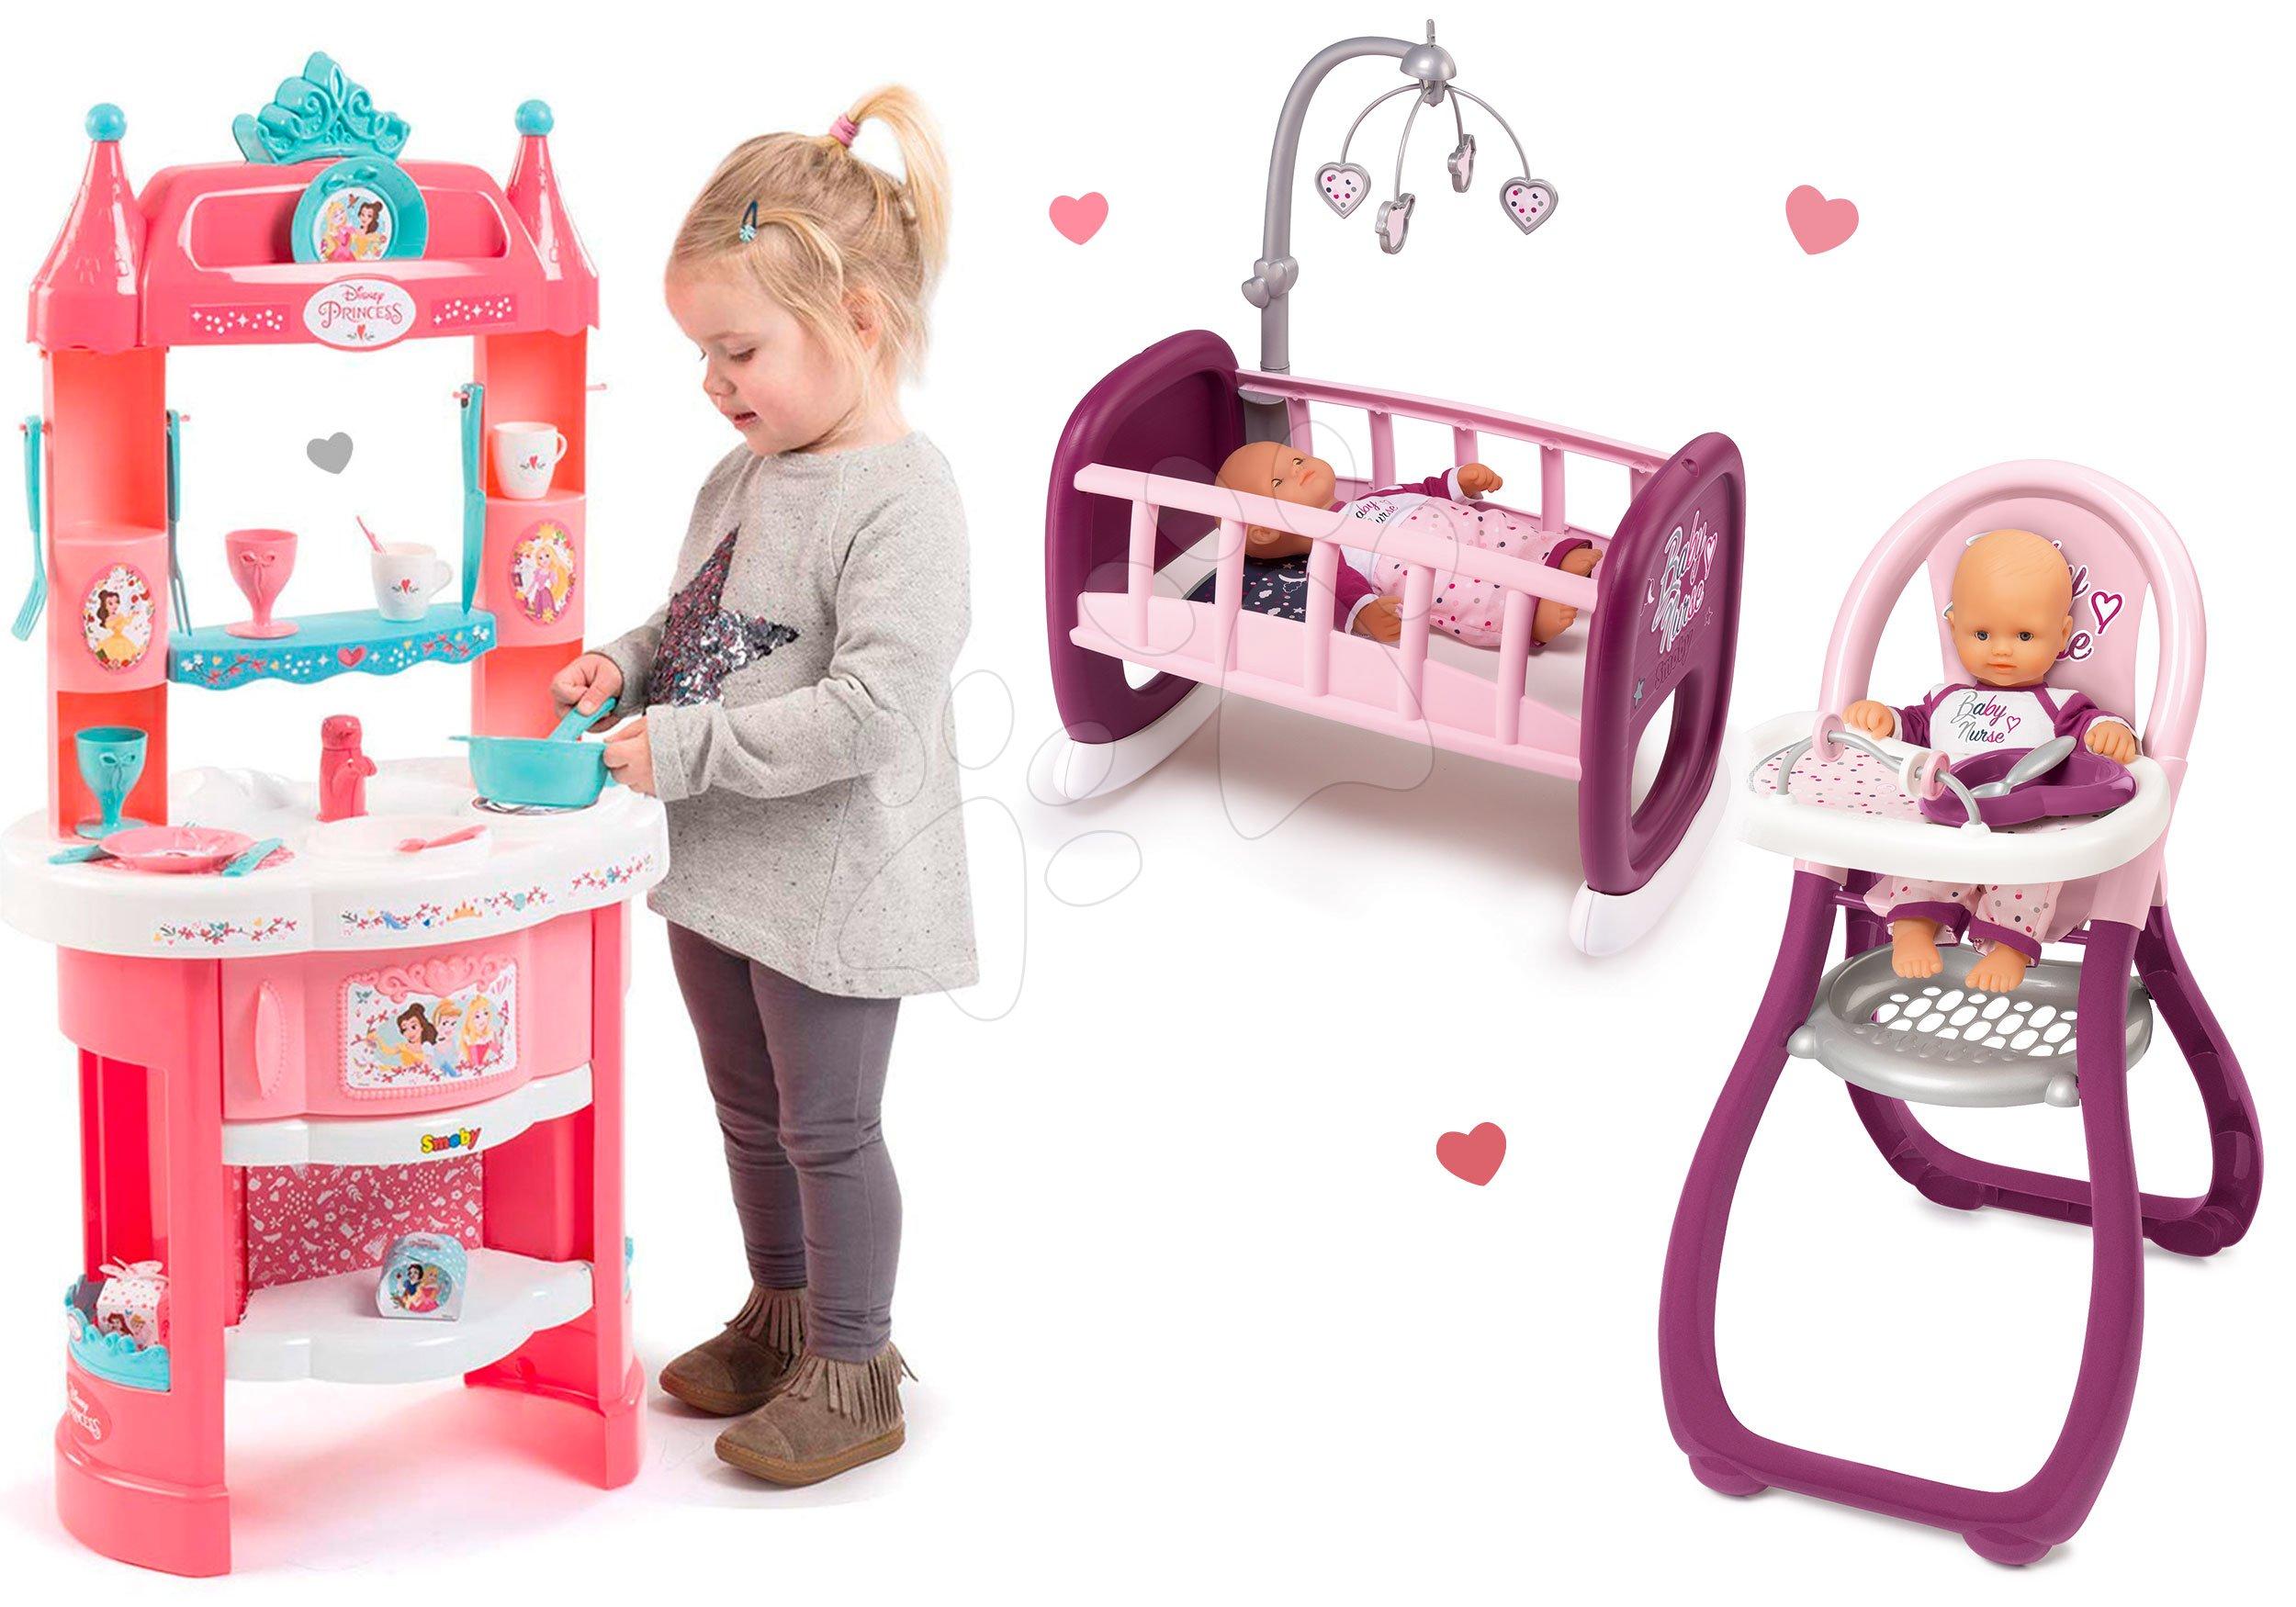 Kuhinje za djecu setovi - Set kuhinja Princeze Smoby obostrana s tornjevima i 19 dodataka, hranilica i kolijevka za lutku